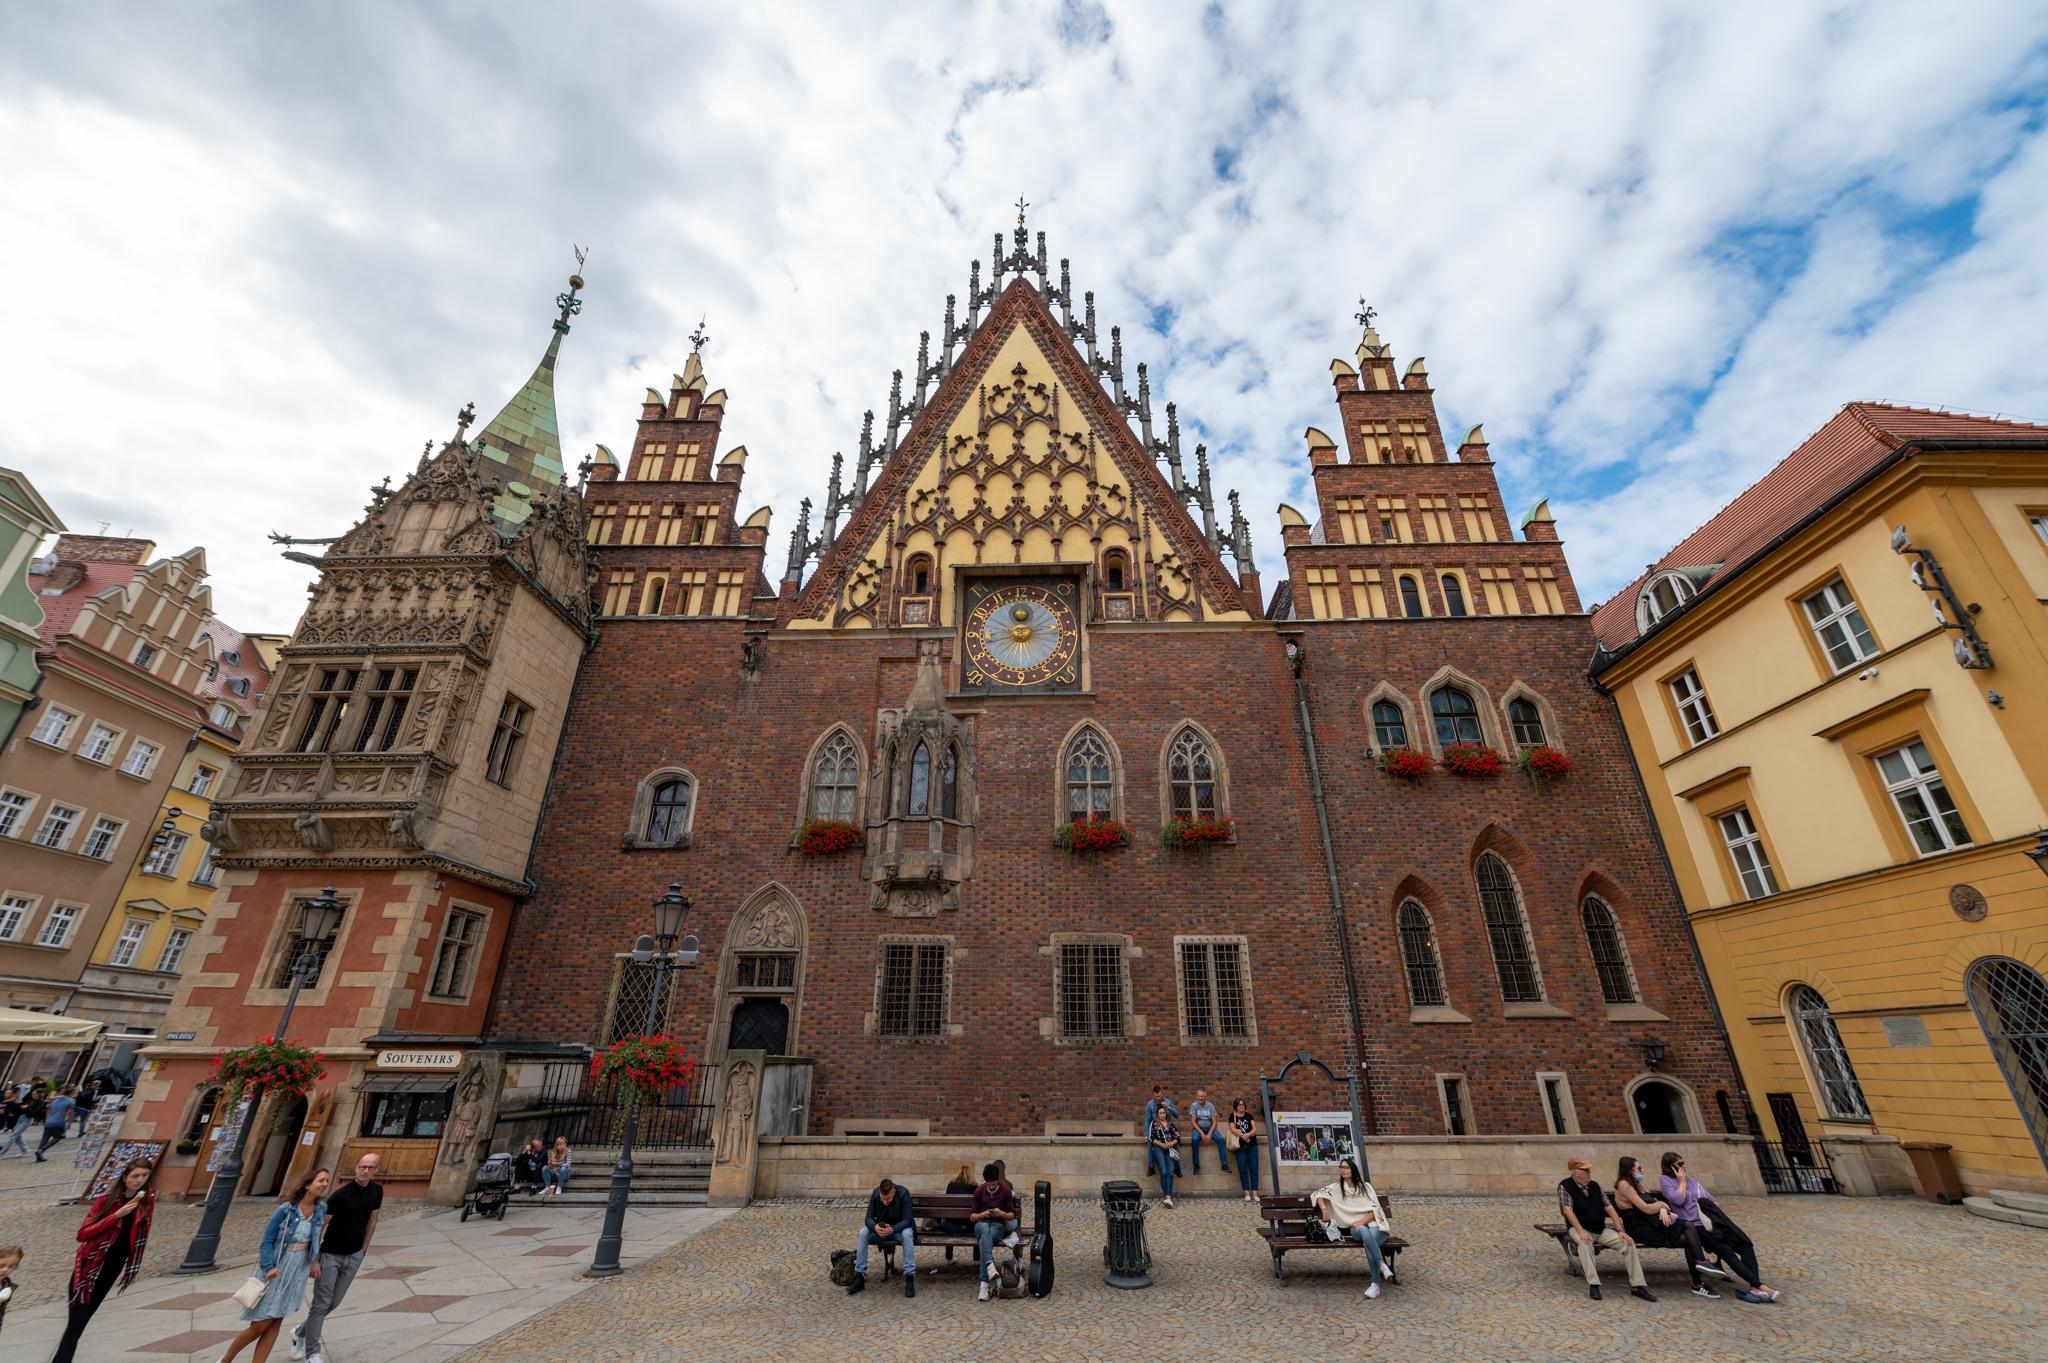 Breslau Sehenswürdigkeiten: Das Rathaus